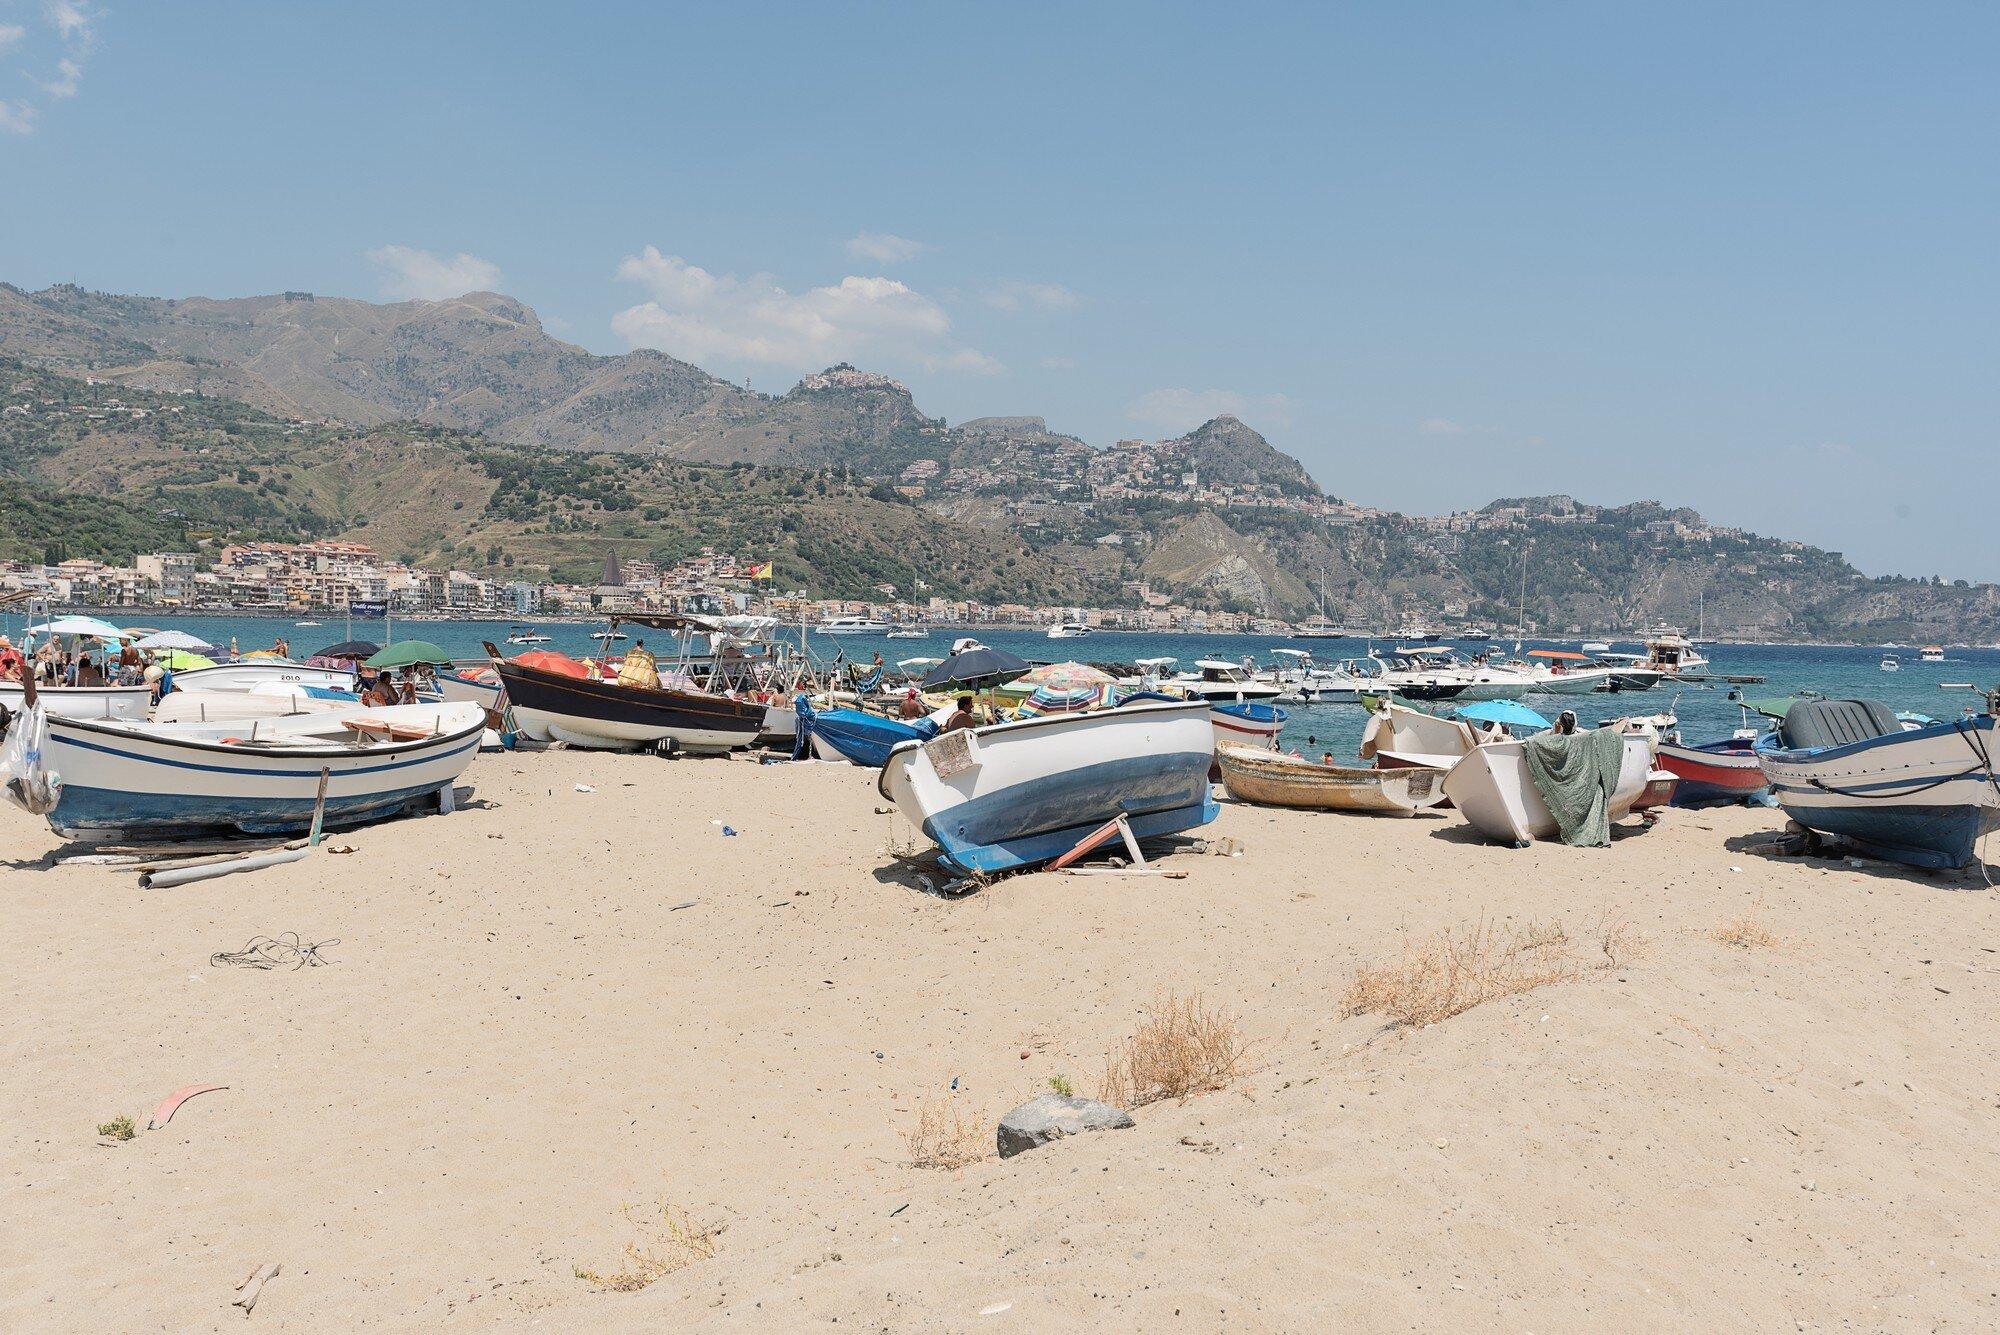 D05_3033 Giardini Naxos_tn.jpg